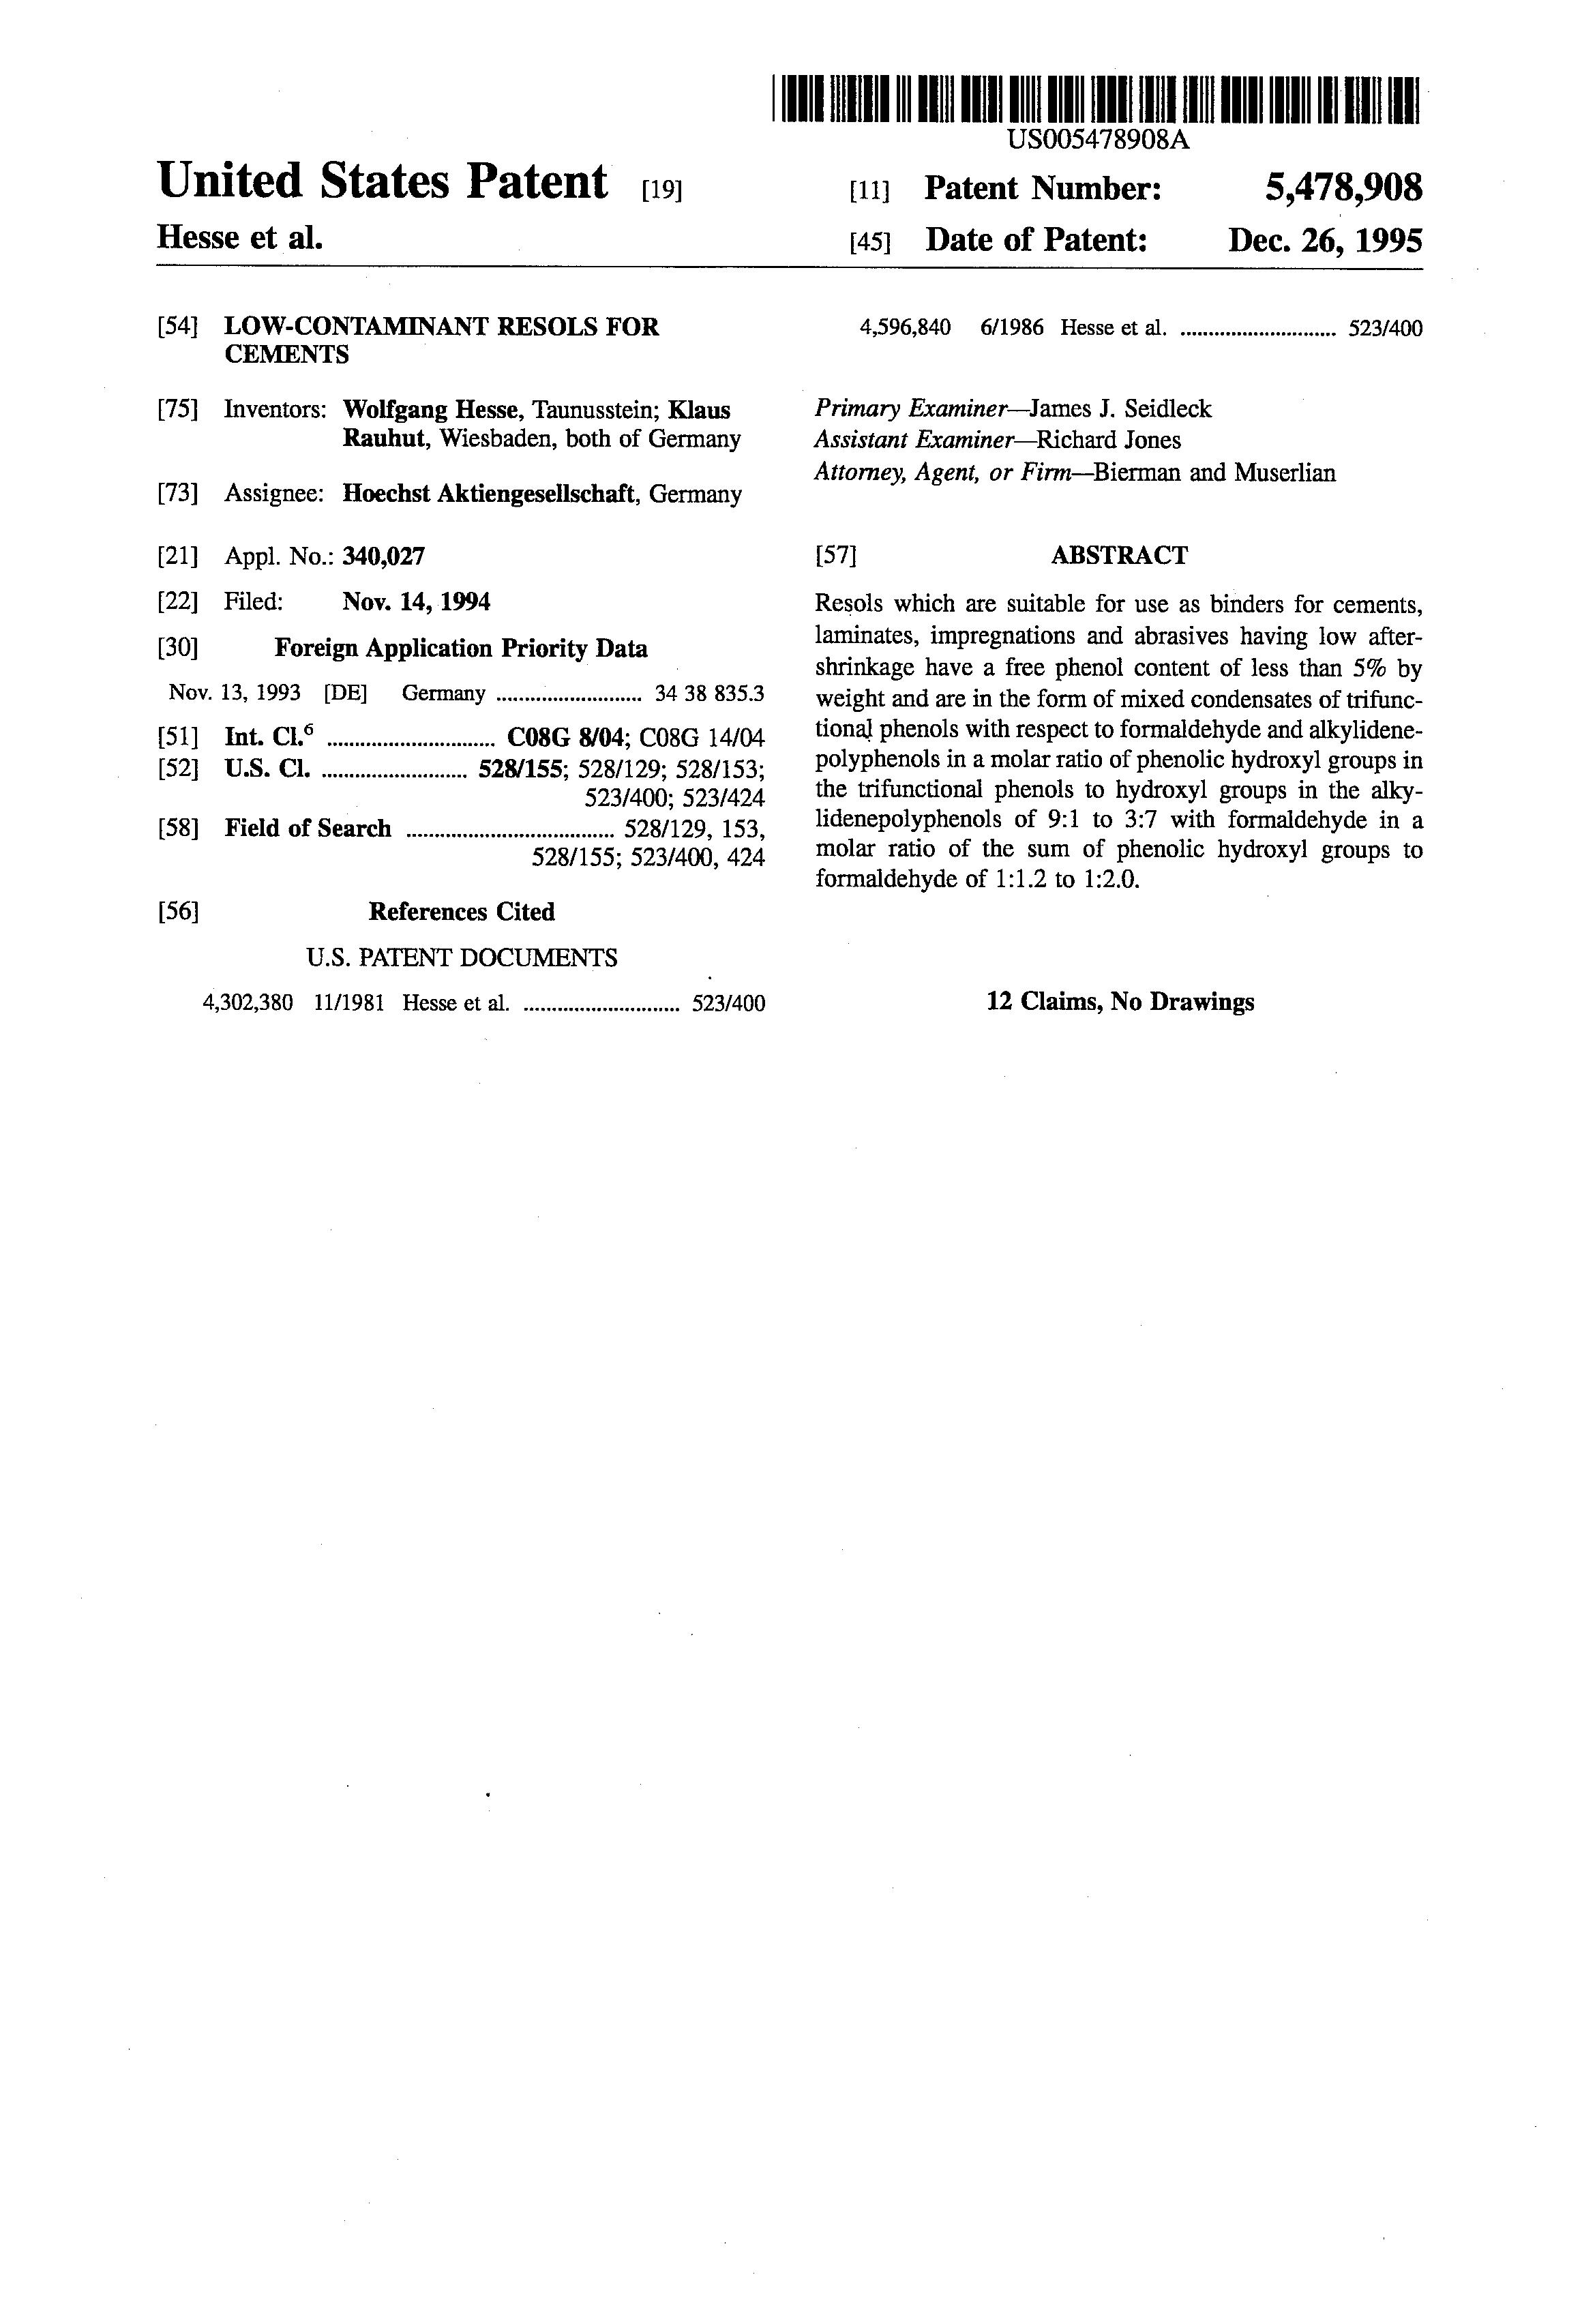 براءة الاختراع us low contaminant resols for cements  patent drawing